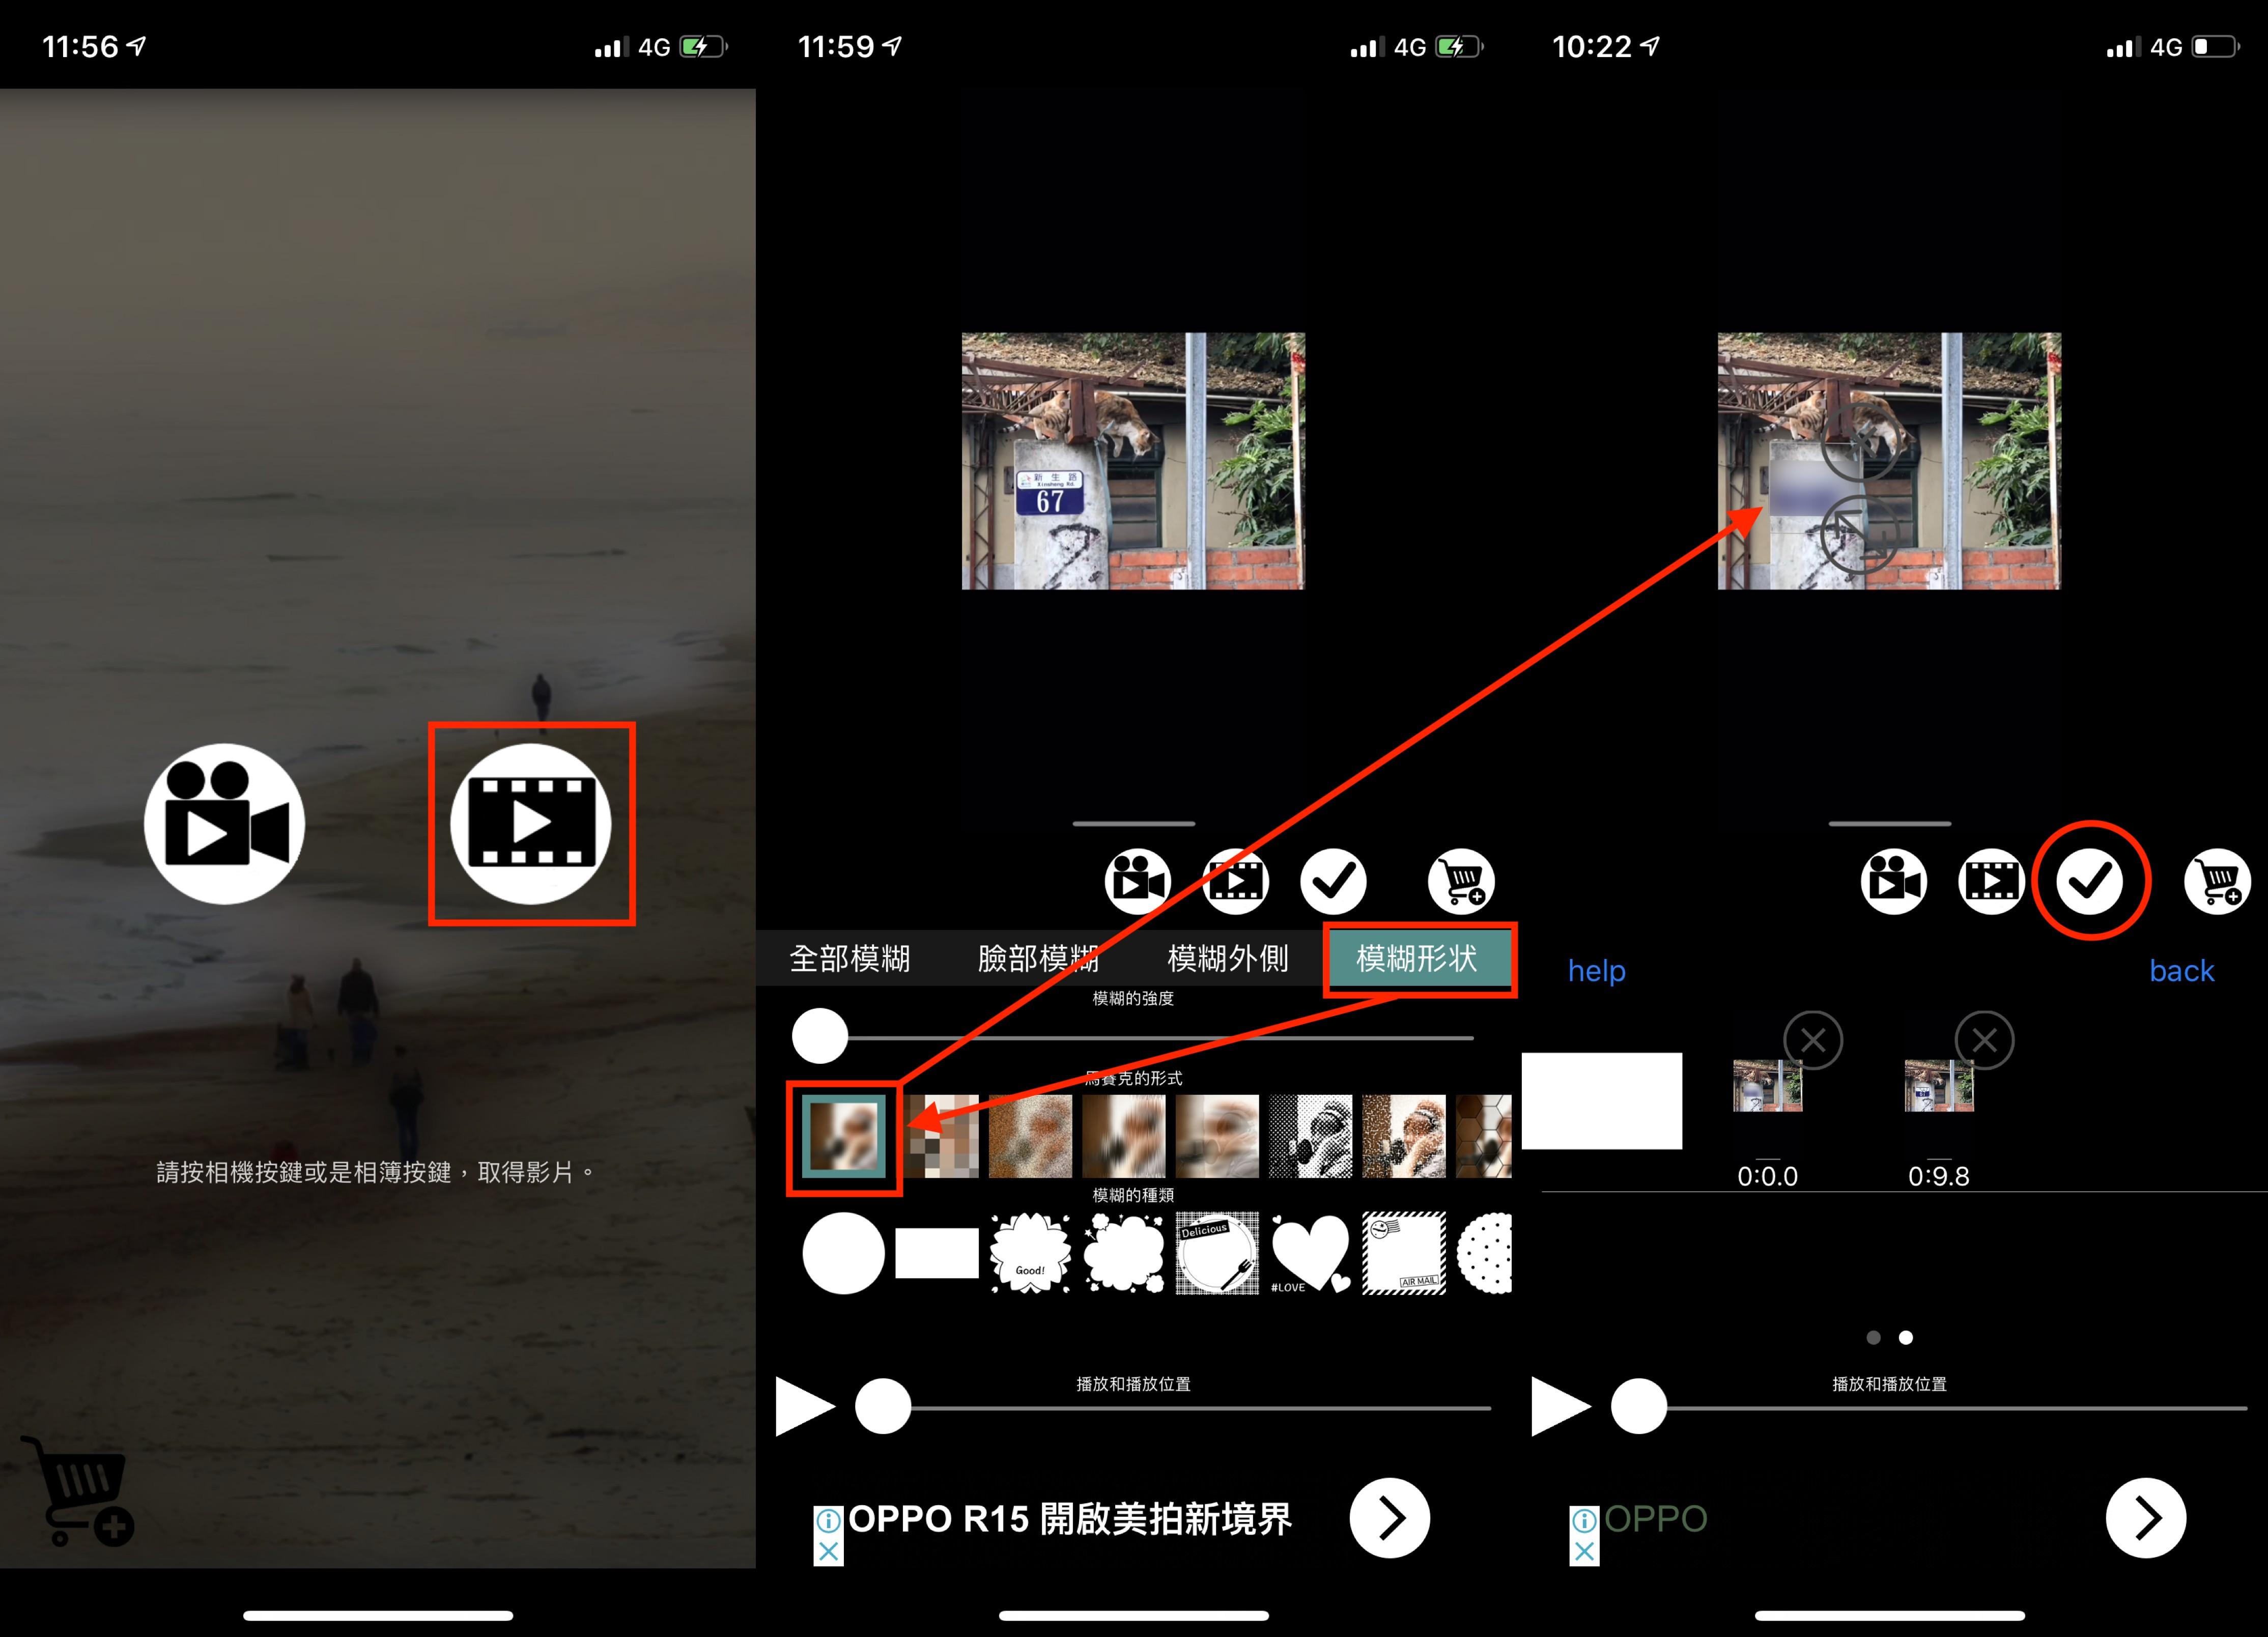 馬賽克、馬賽克 App、照片馬賽克